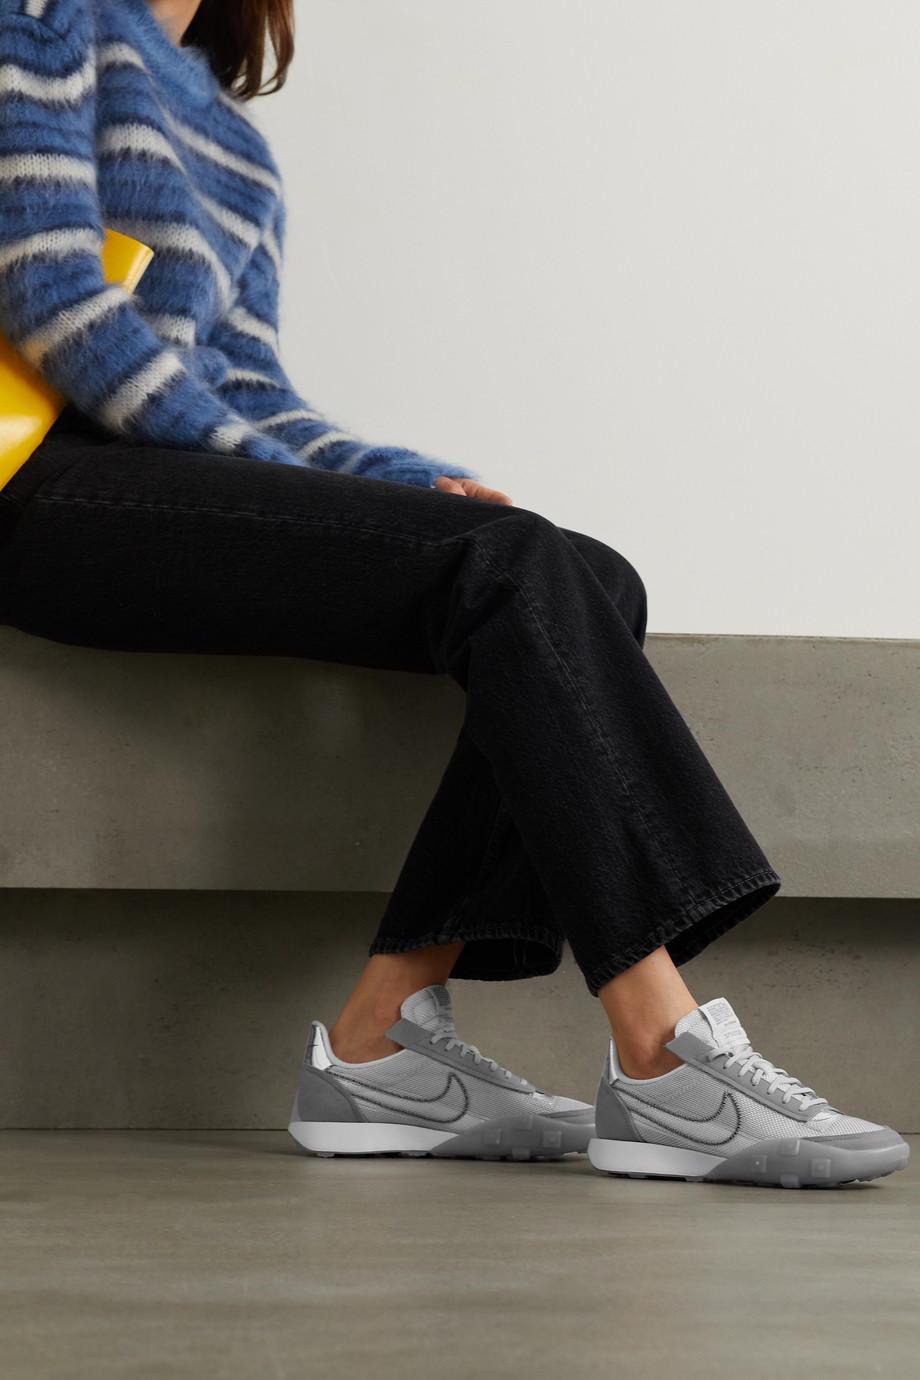 Nike Waffle Racer 2X Sneakers aus Ripstop und Veloursleder mit Gummibesätzen